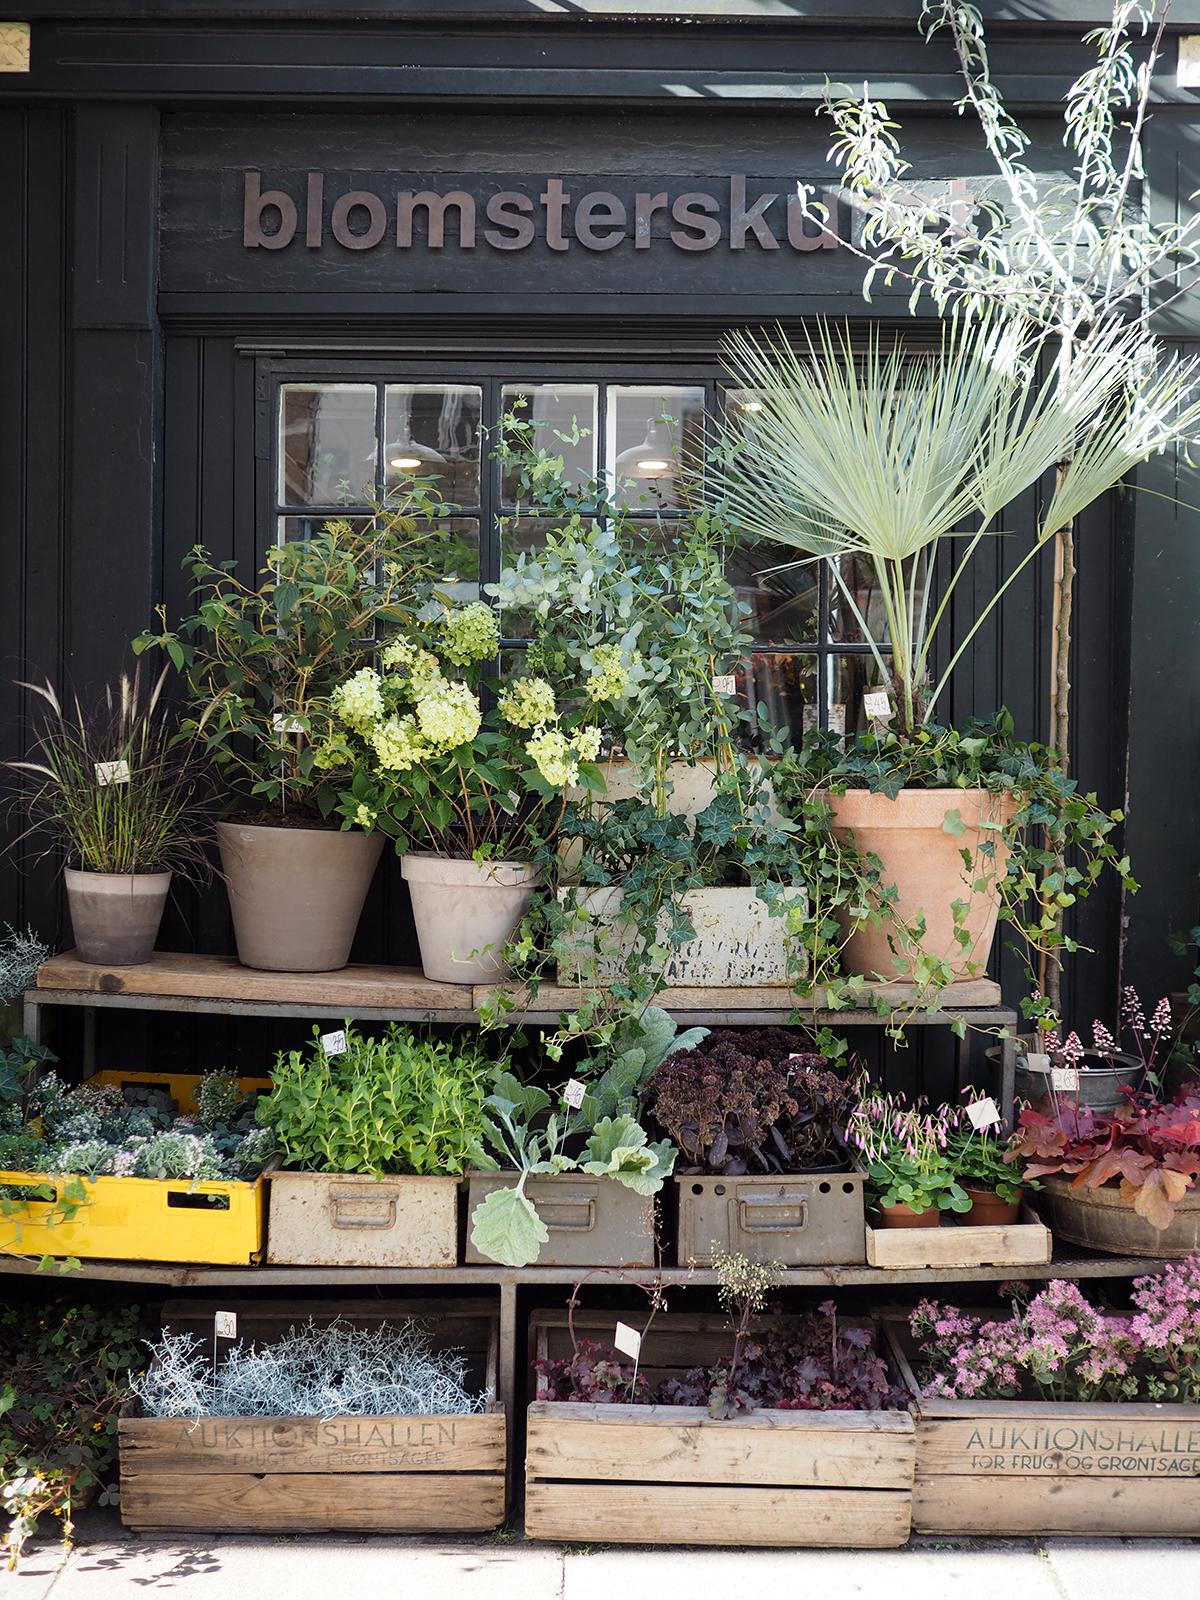 Blomsterskuret